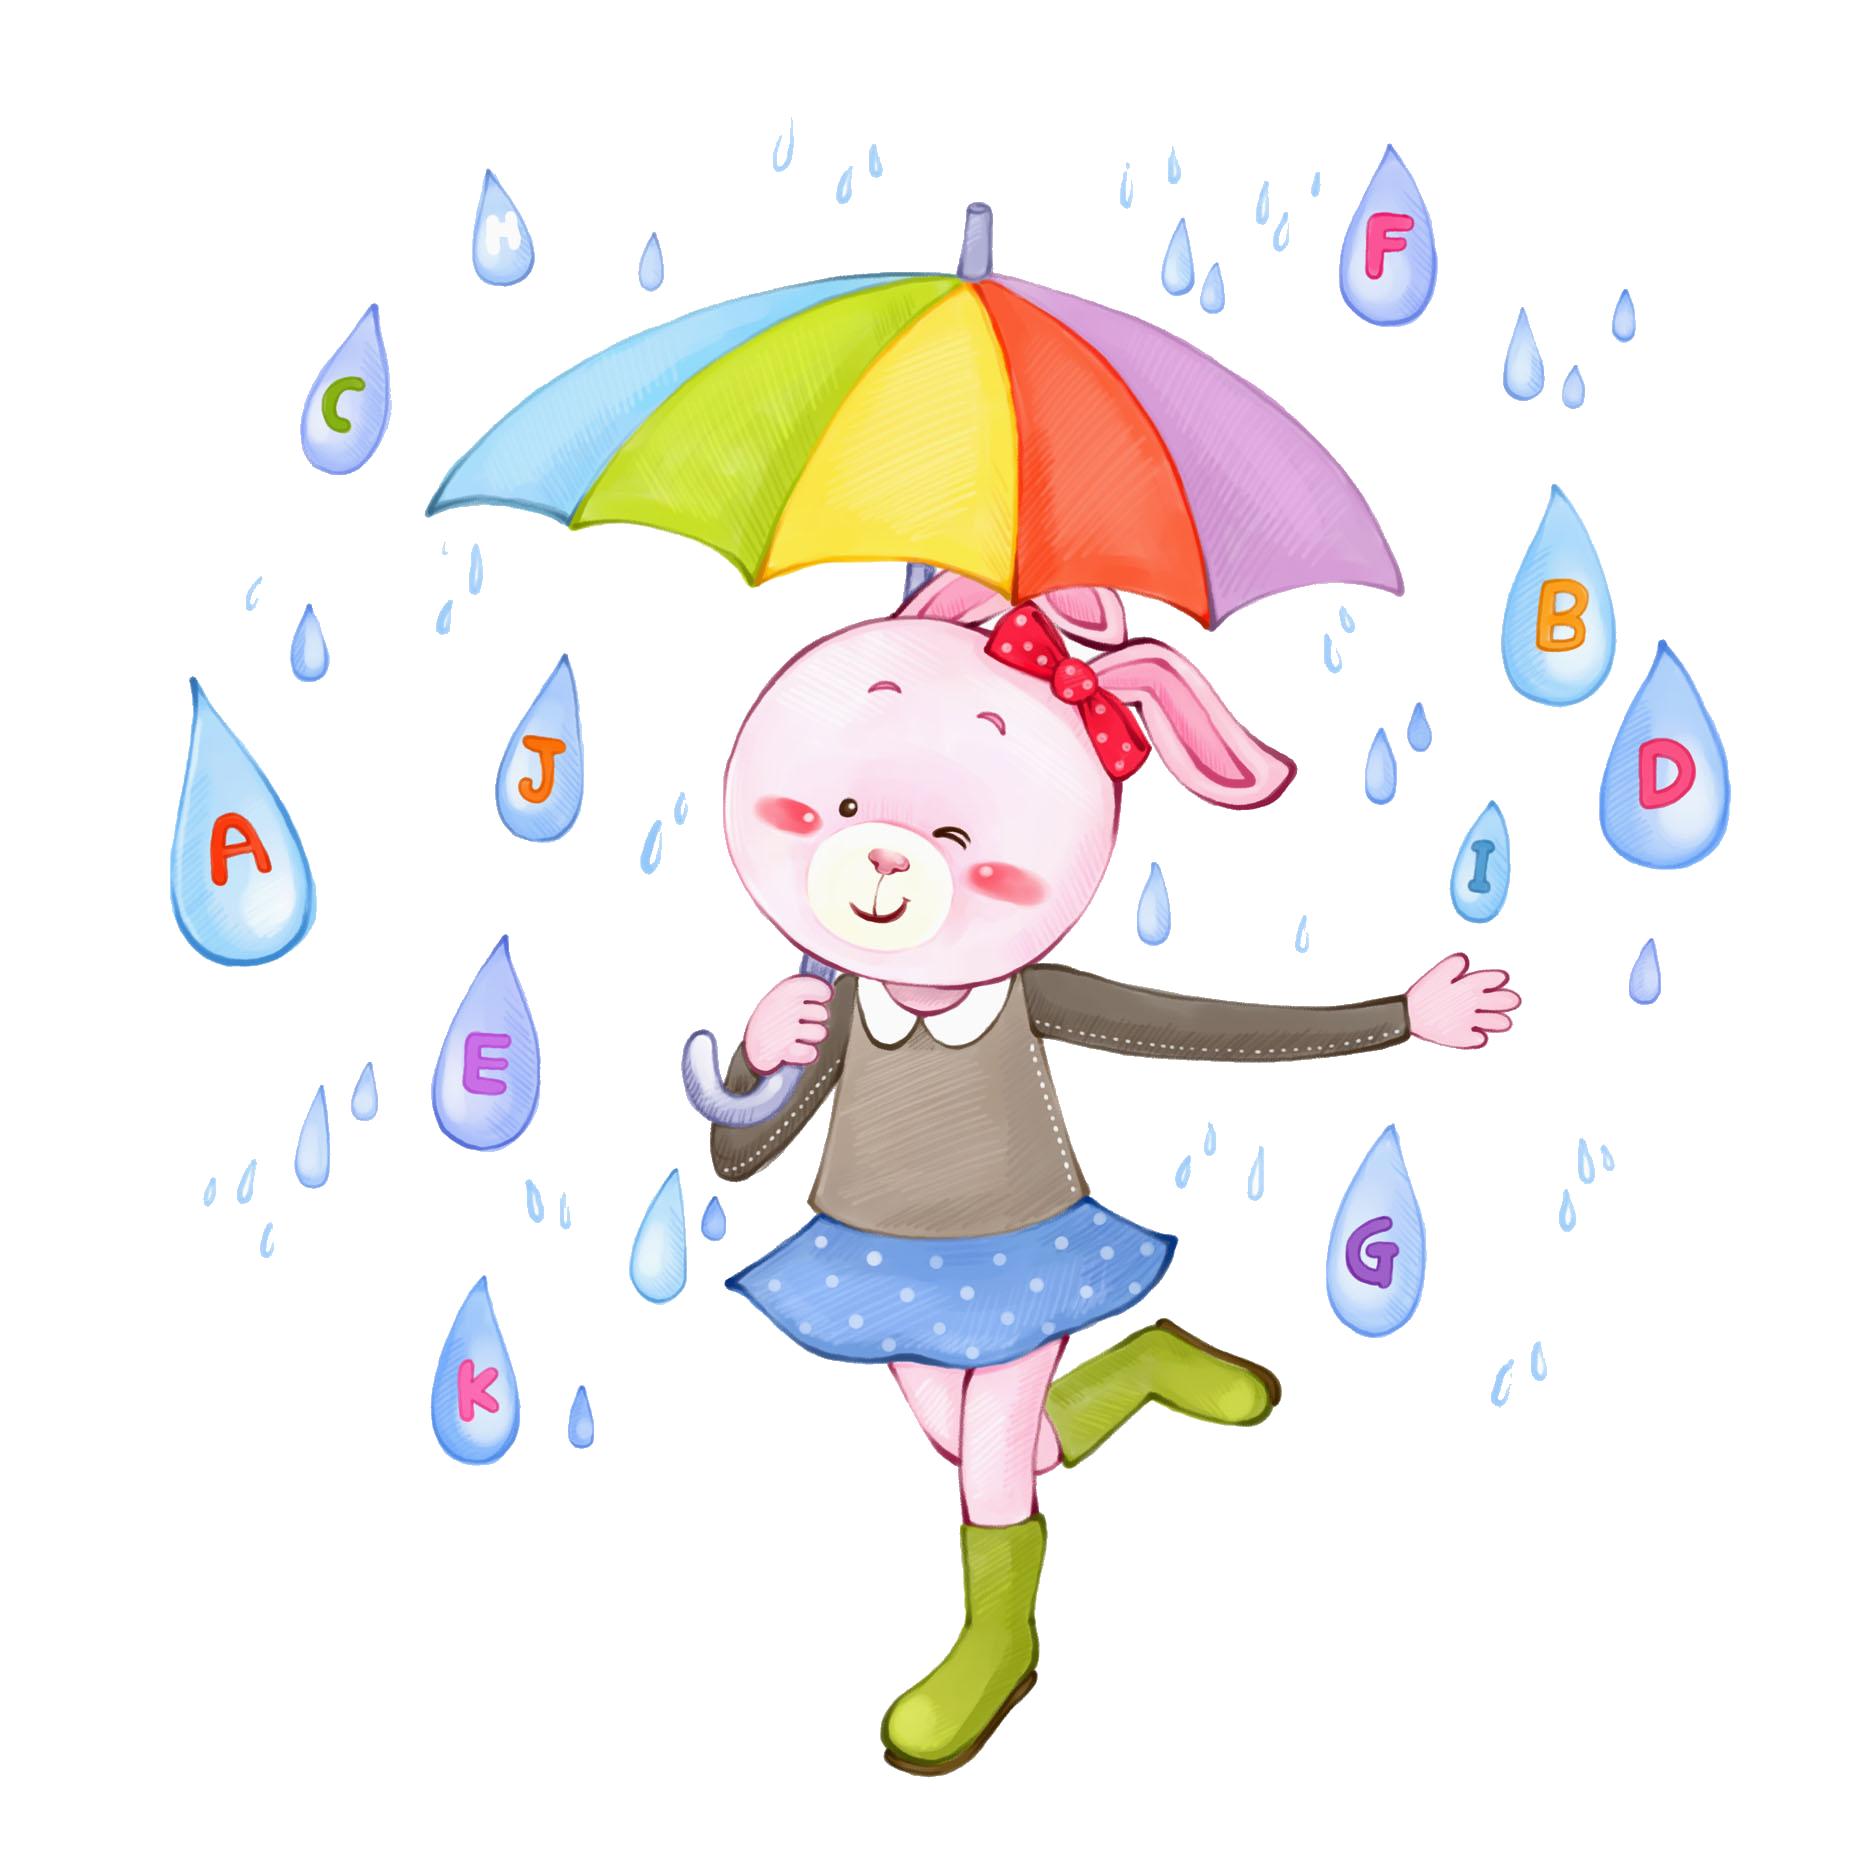 Umbrella clip art raindrops. Water clipart raindrop